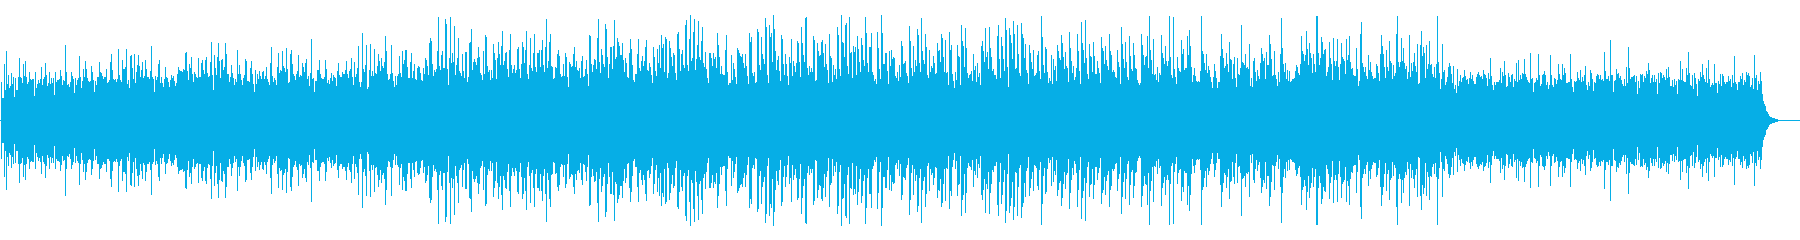 アコースティックなミニマル・ミュージックの再生済みの波形